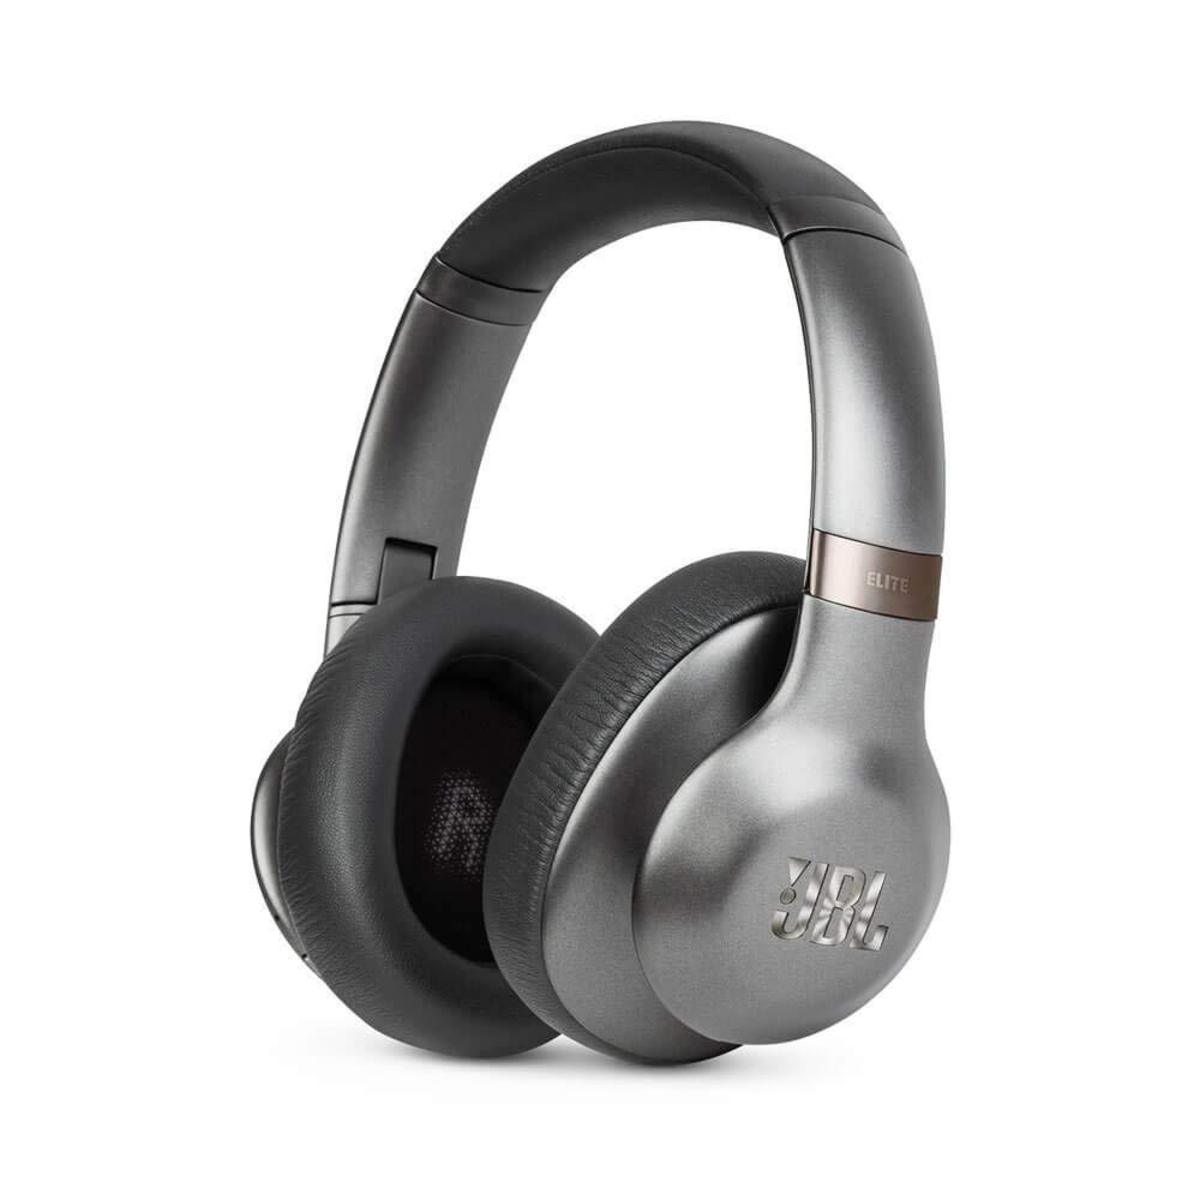 JBL Everest 750 Over-Ear Wireless Bluetooth Headphones Gun Metal